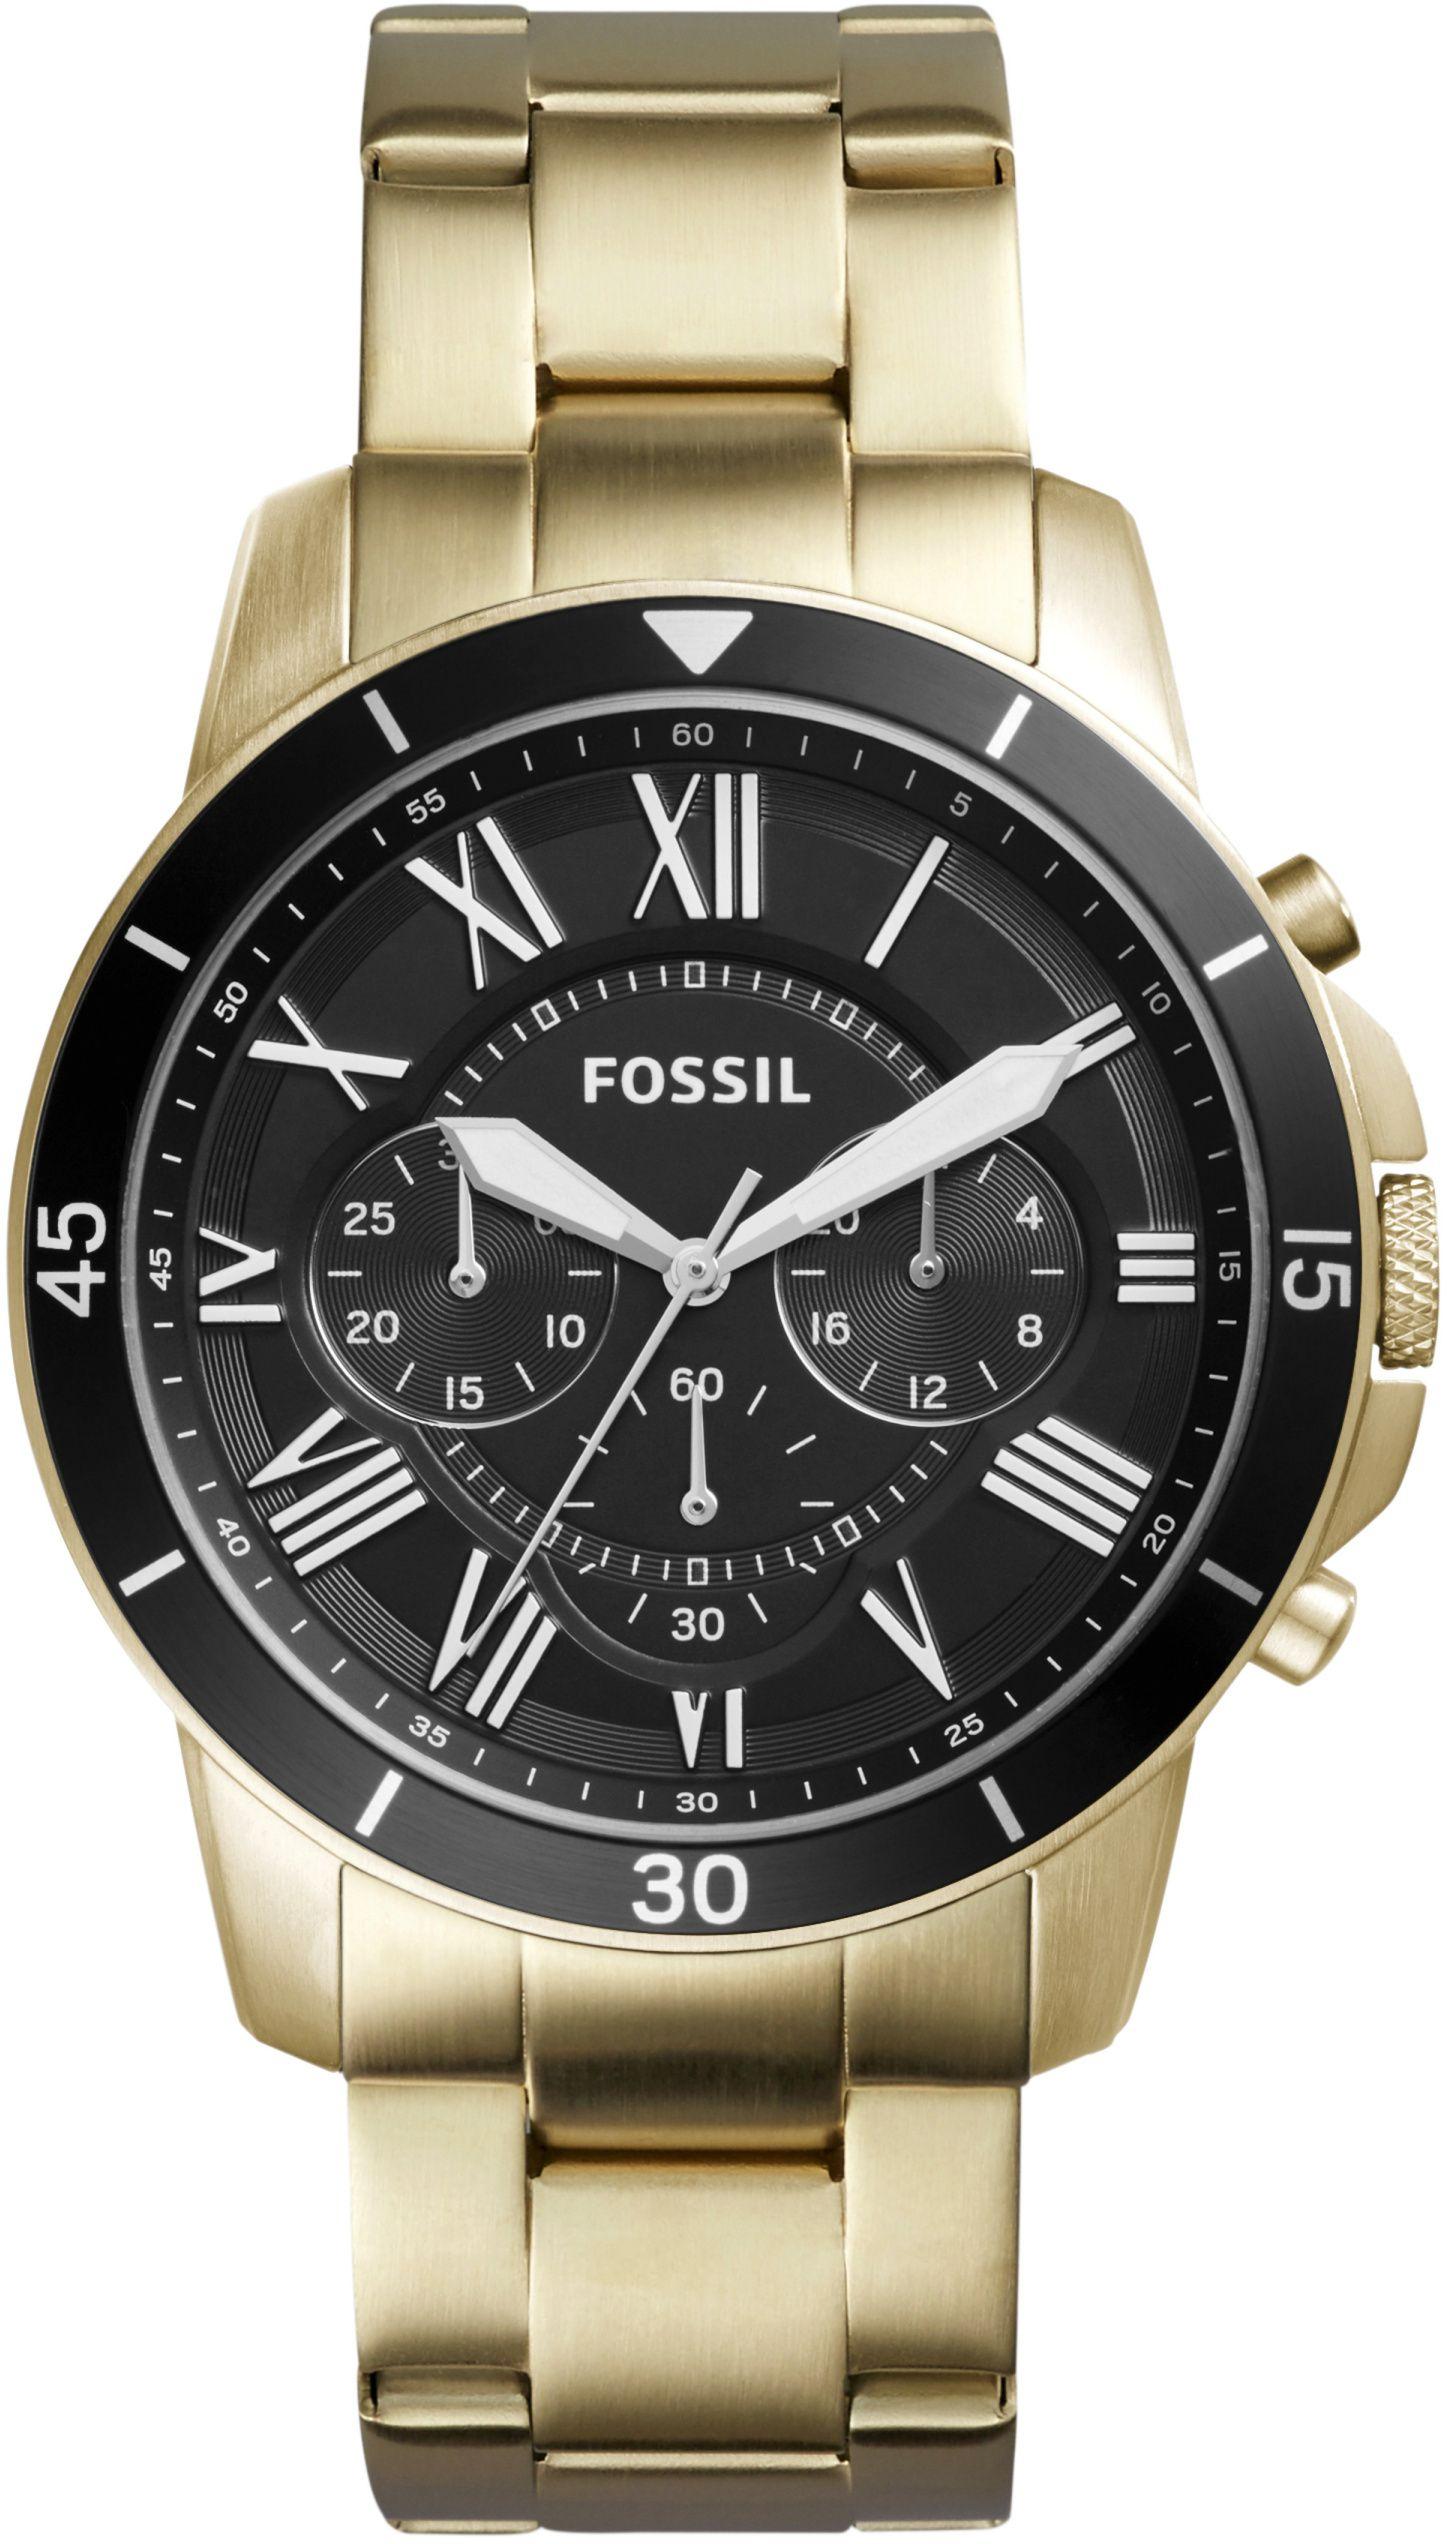 Grant Acciaio Fs5267 Orologio Sport In Dorato Fossil Tc1JlKF